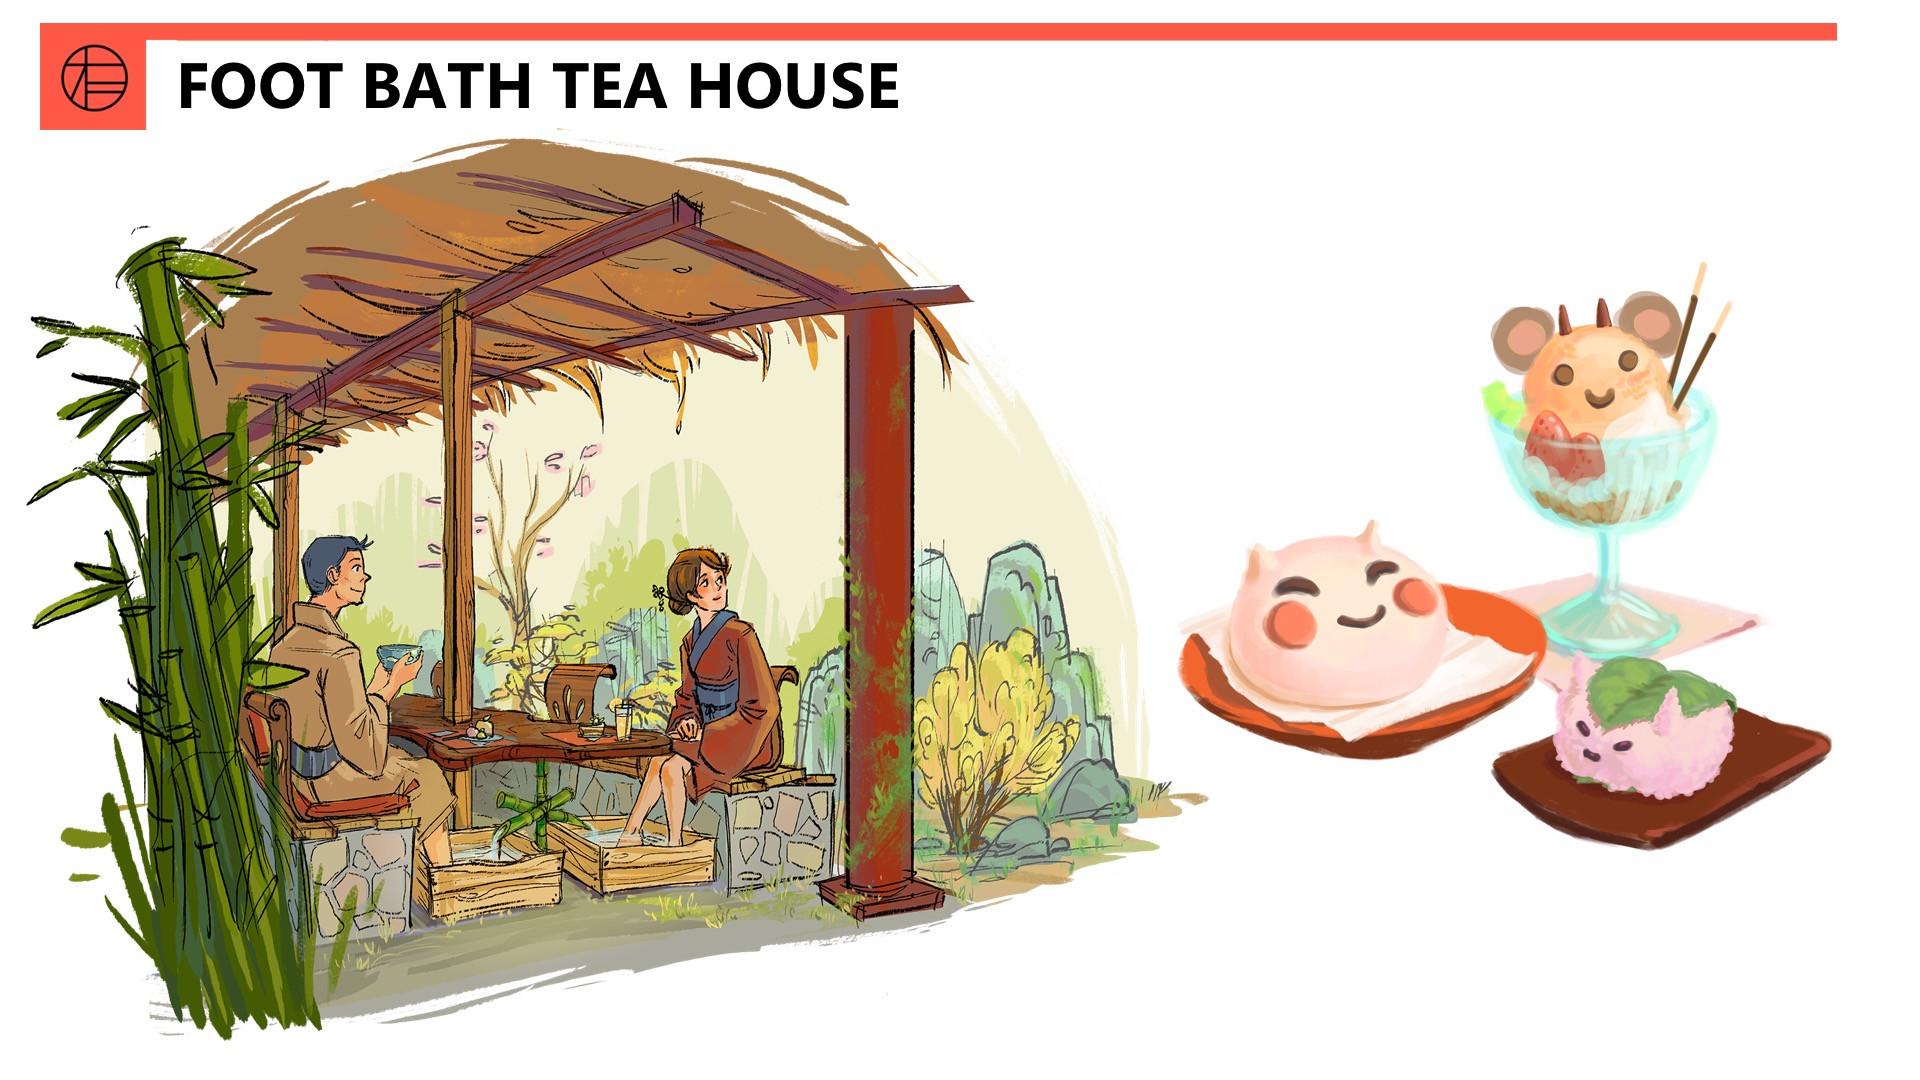 Foot Bath Tea House